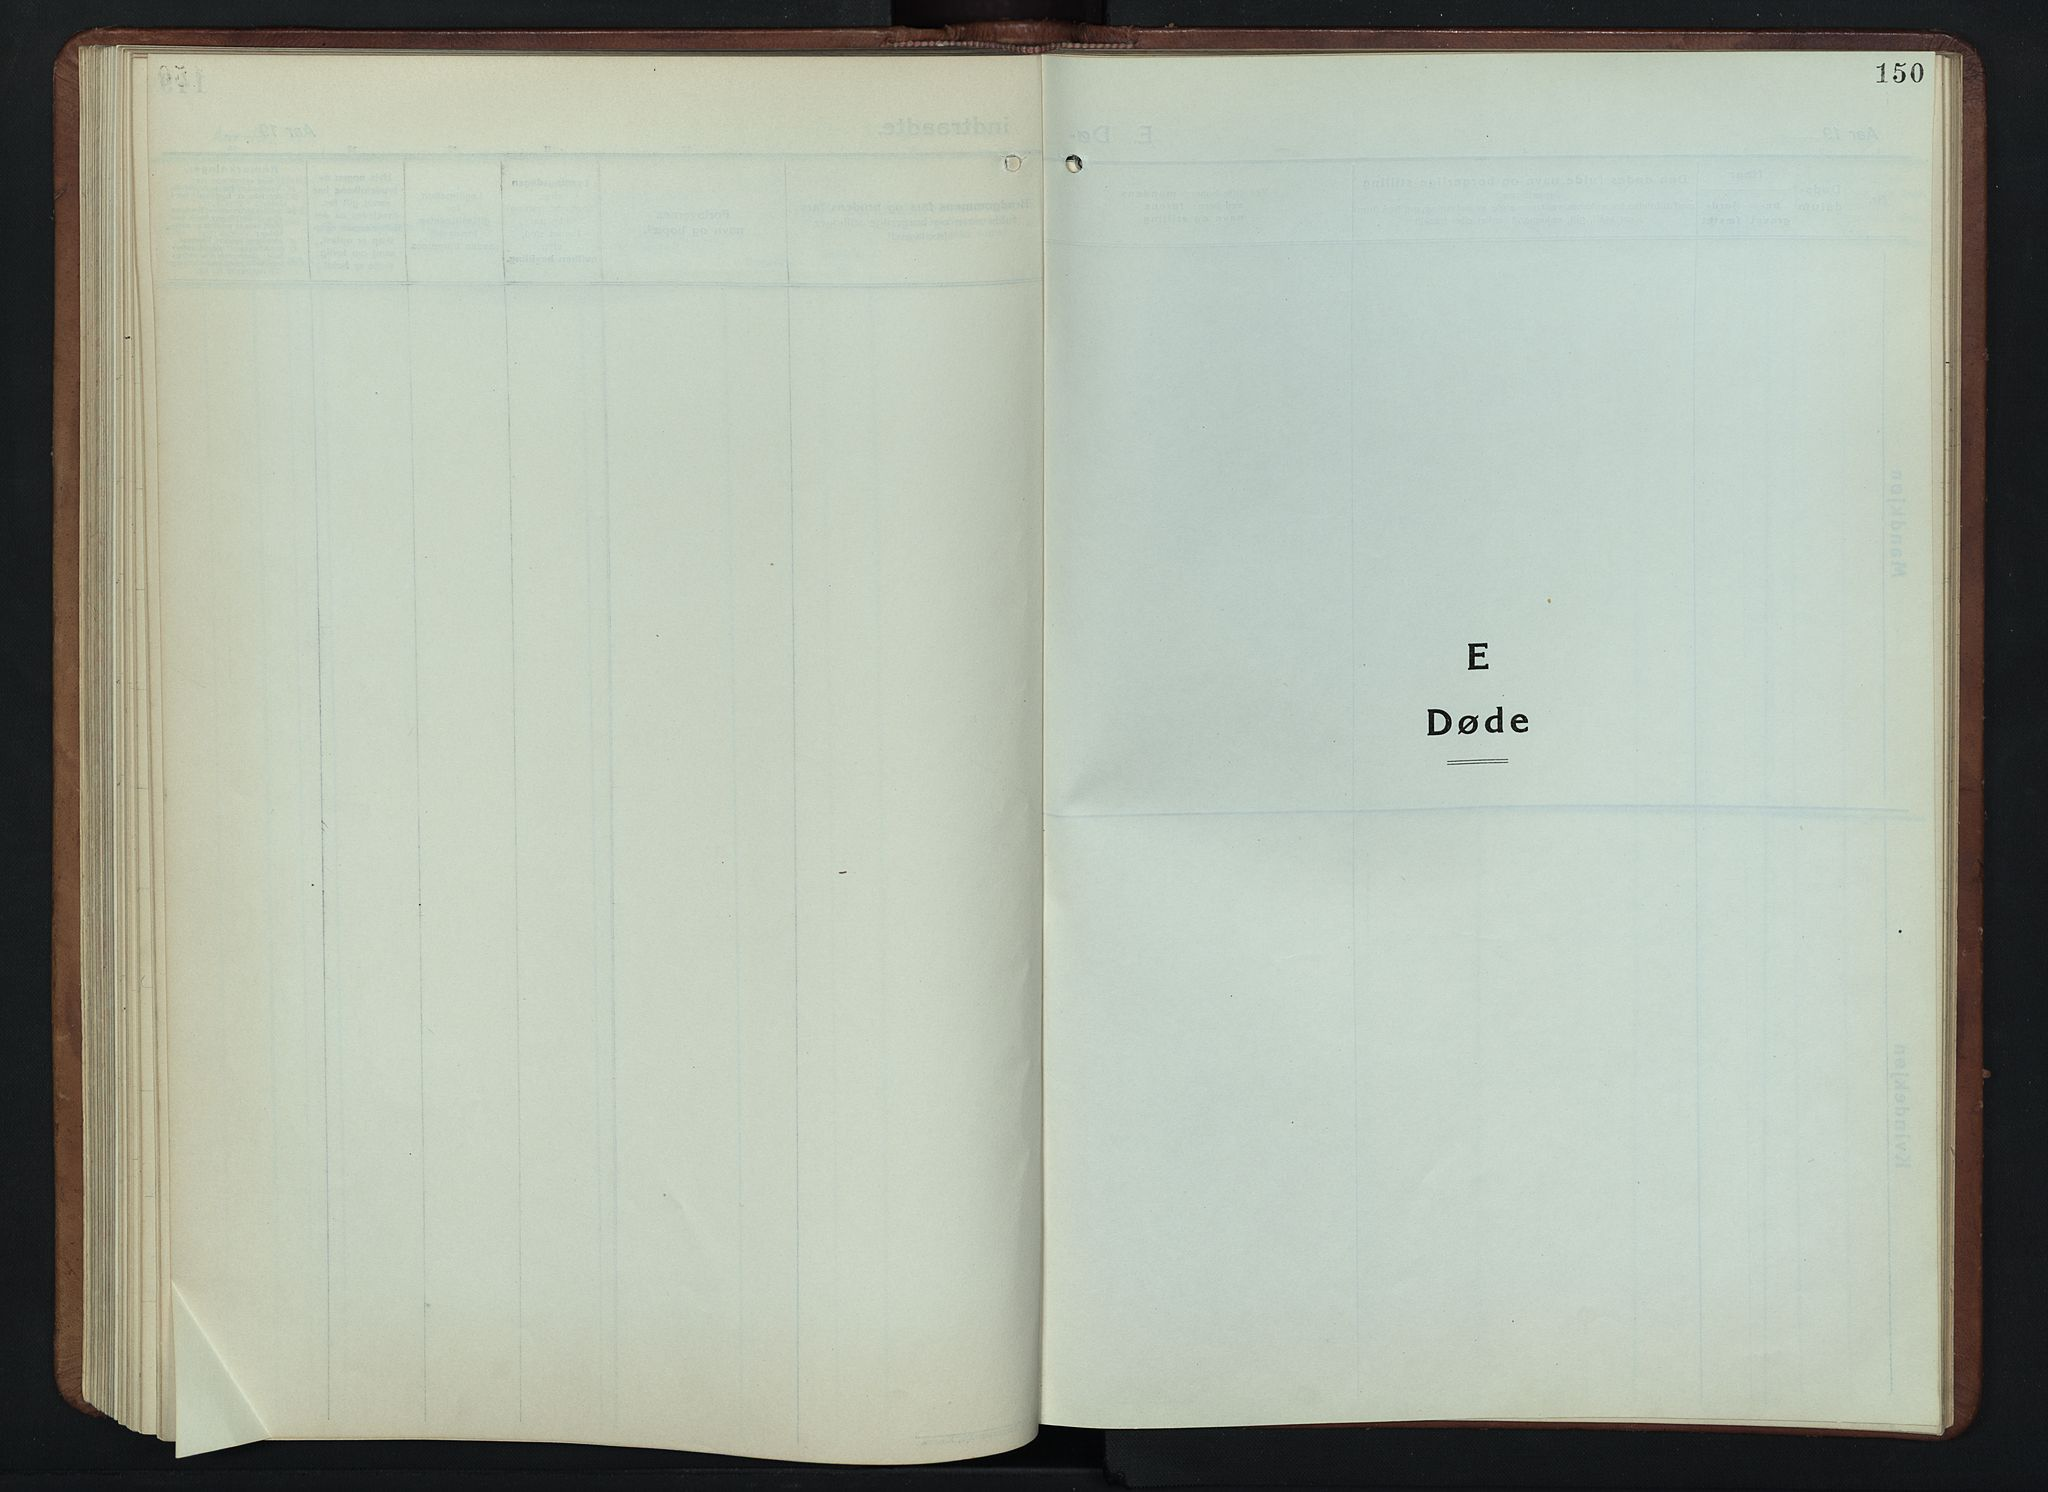 SAH, Lesja prestekontor, Parish register (copy) no. 9, 1924-1947, p. 150